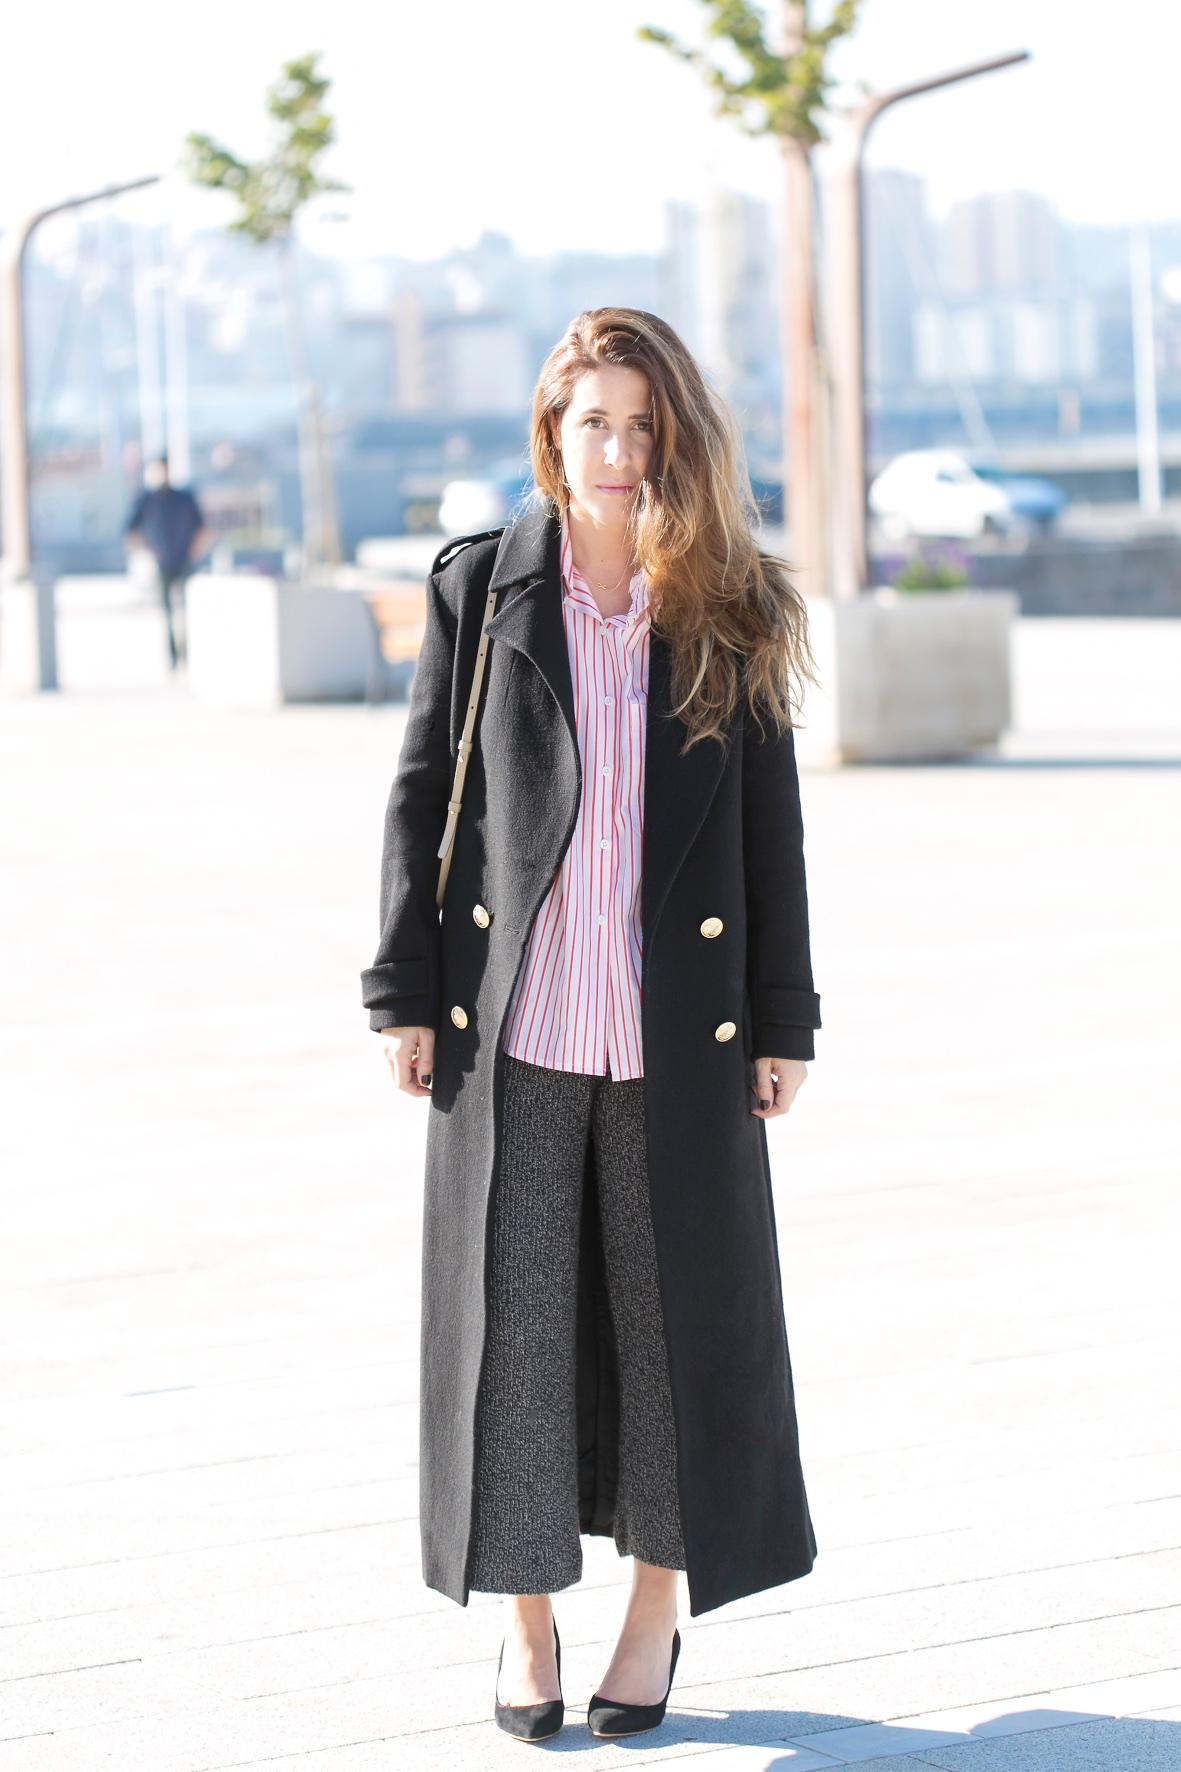 descalzaporelparque-fashion-heels-Zara-moda-blogger